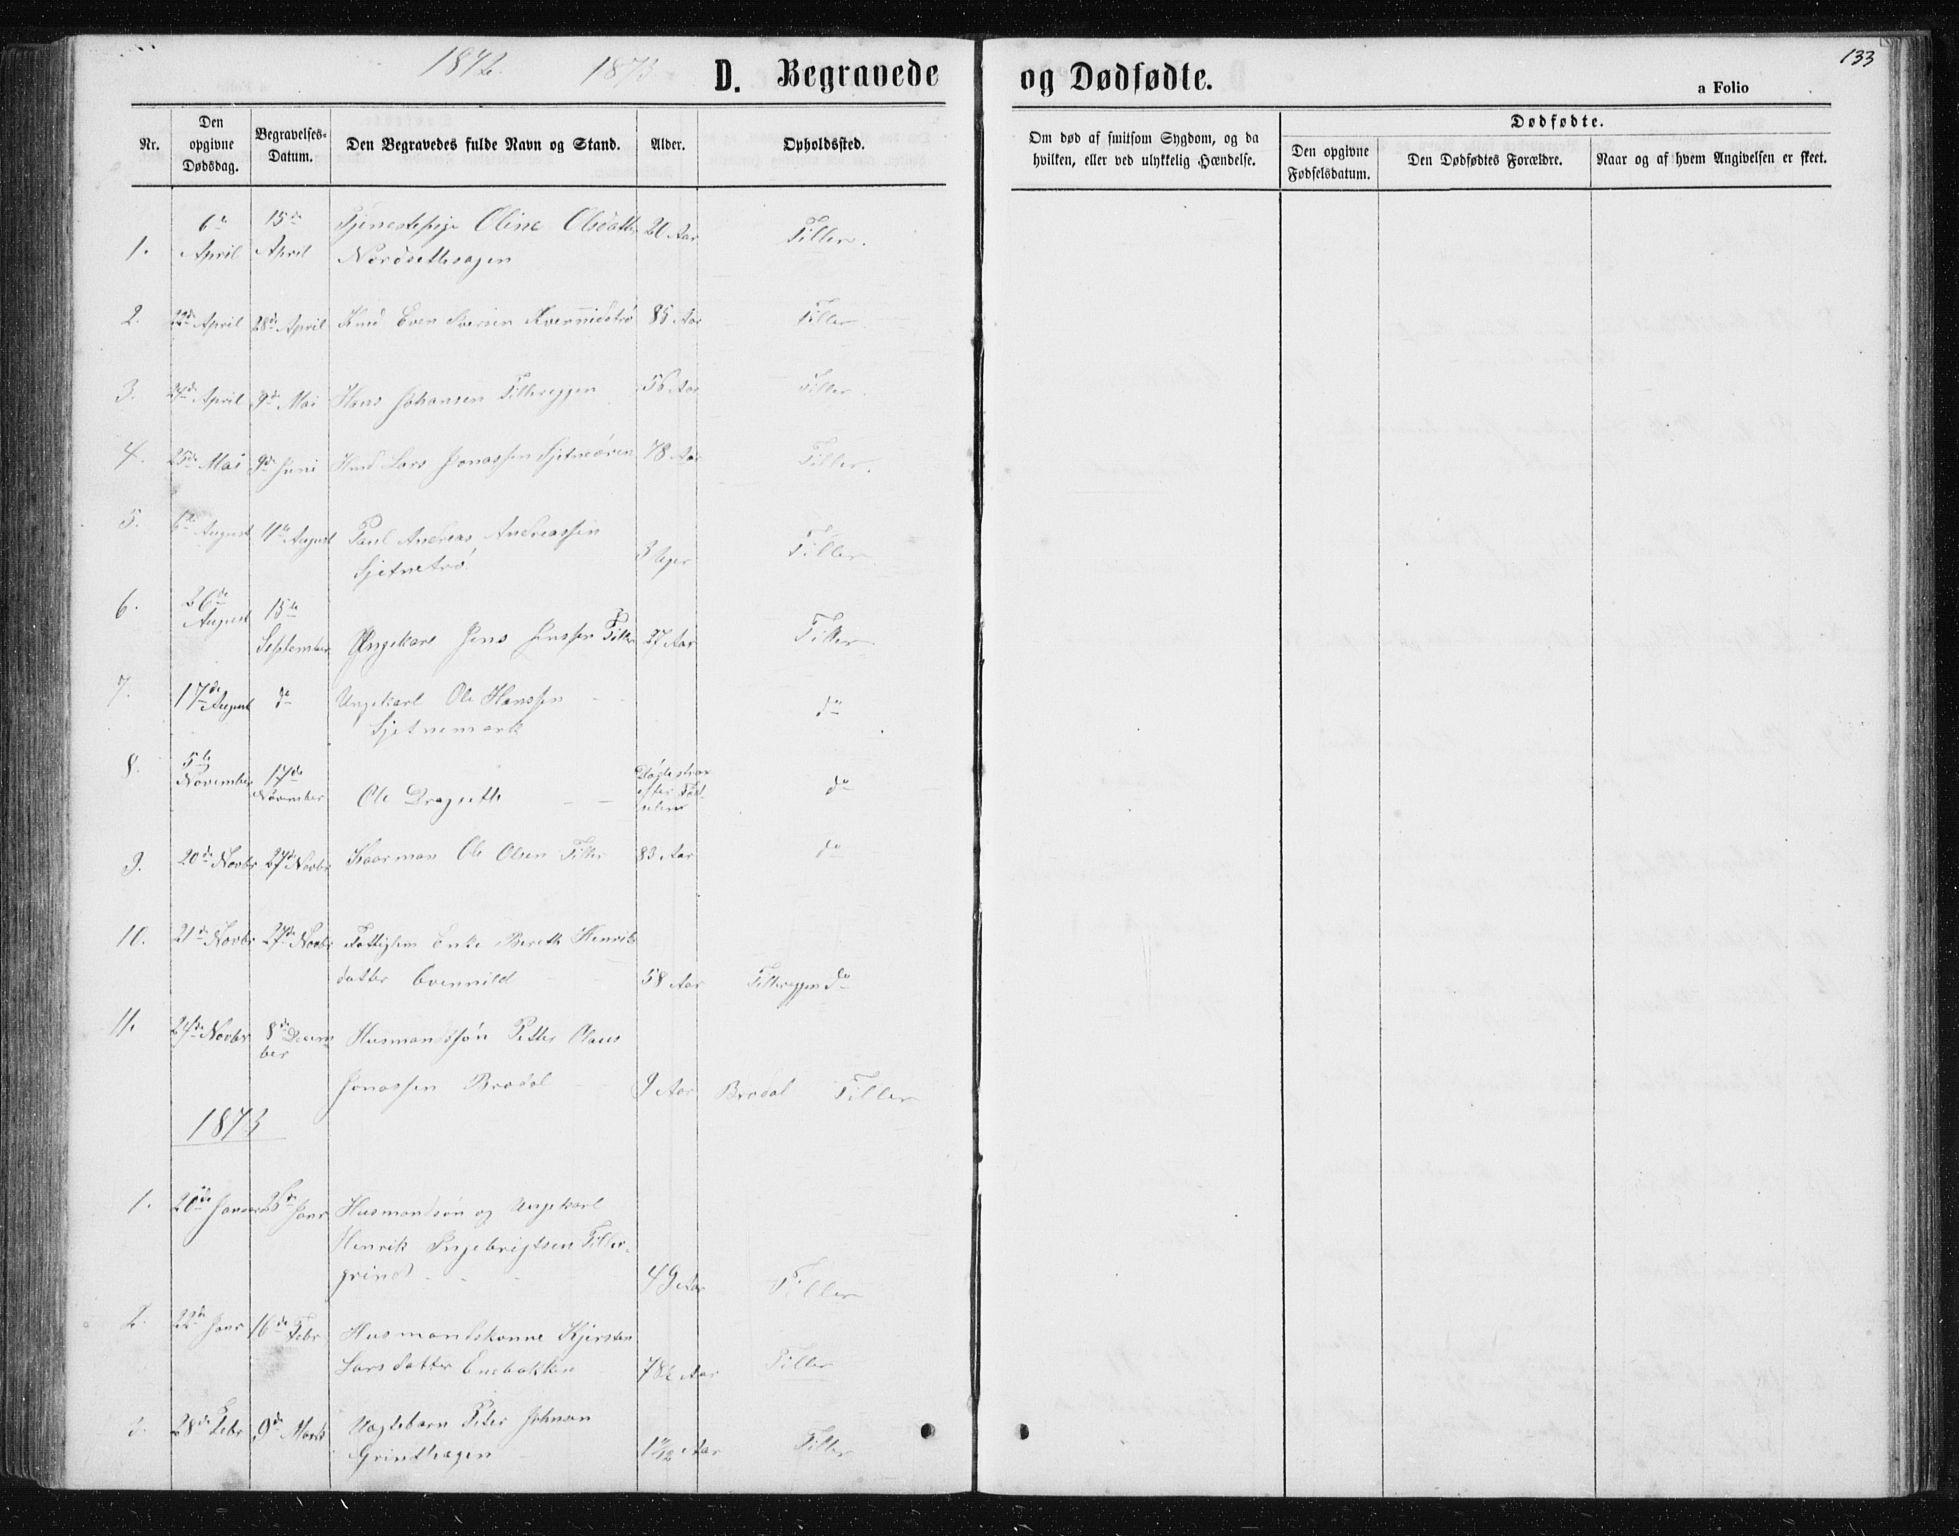 SAT, Ministerialprotokoller, klokkerbøker og fødselsregistre - Sør-Trøndelag, 621/L0459: Klokkerbok nr. 621C02, 1866-1895, s. 133